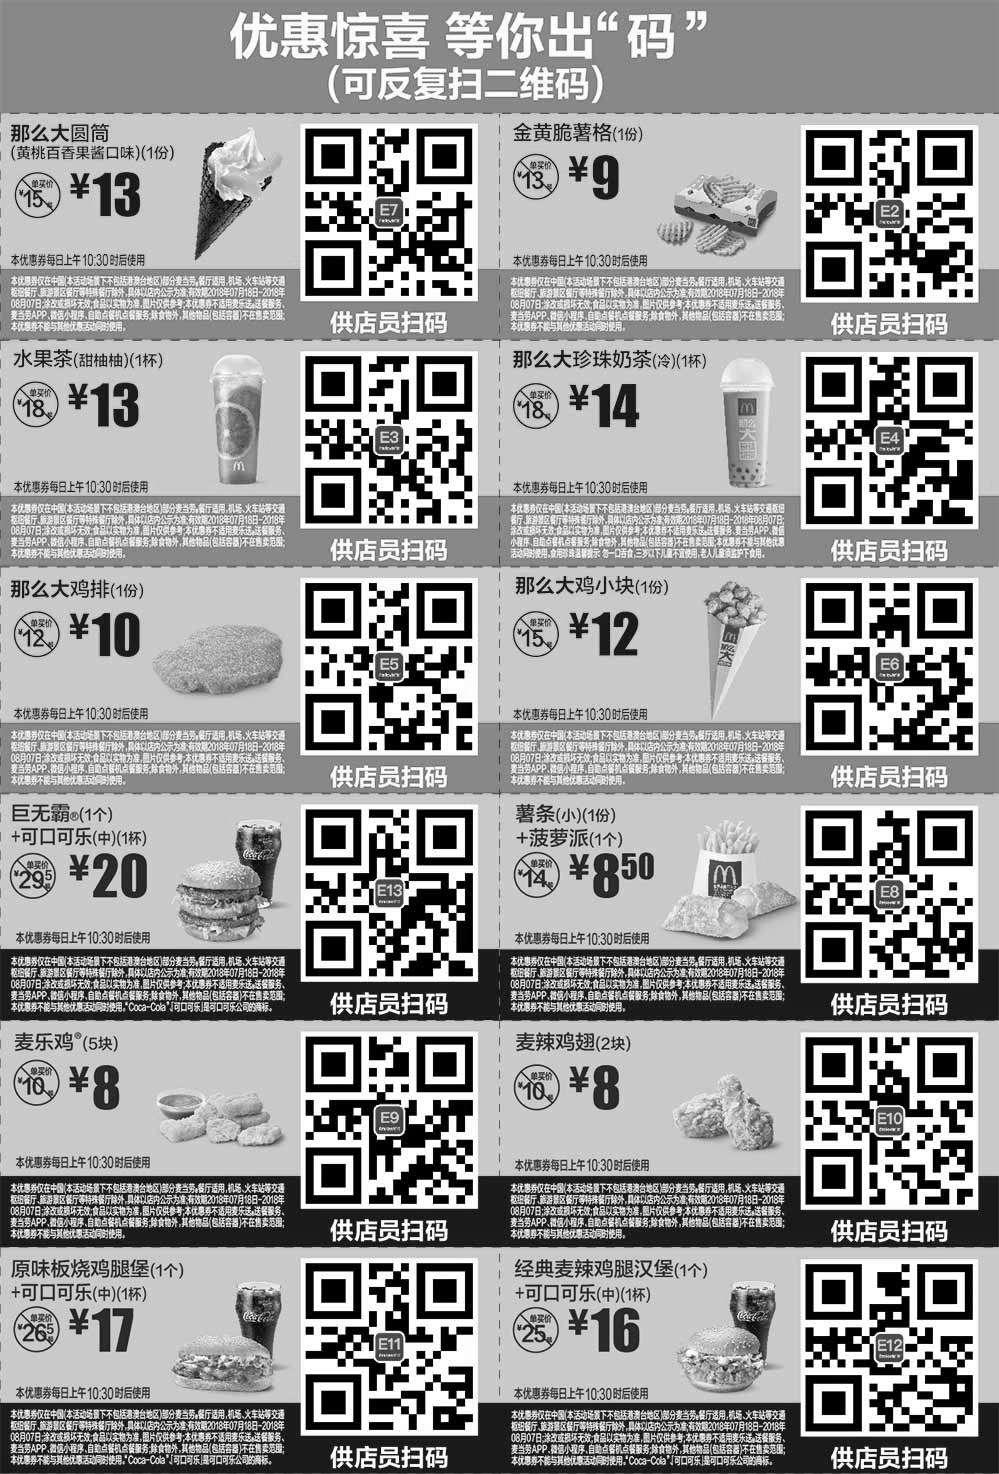 黑白优惠券图片:2018年7月8月麦当劳优惠券手机版整张版本,点餐出示给店员扫码享优惠价 - www.5ikfc.com